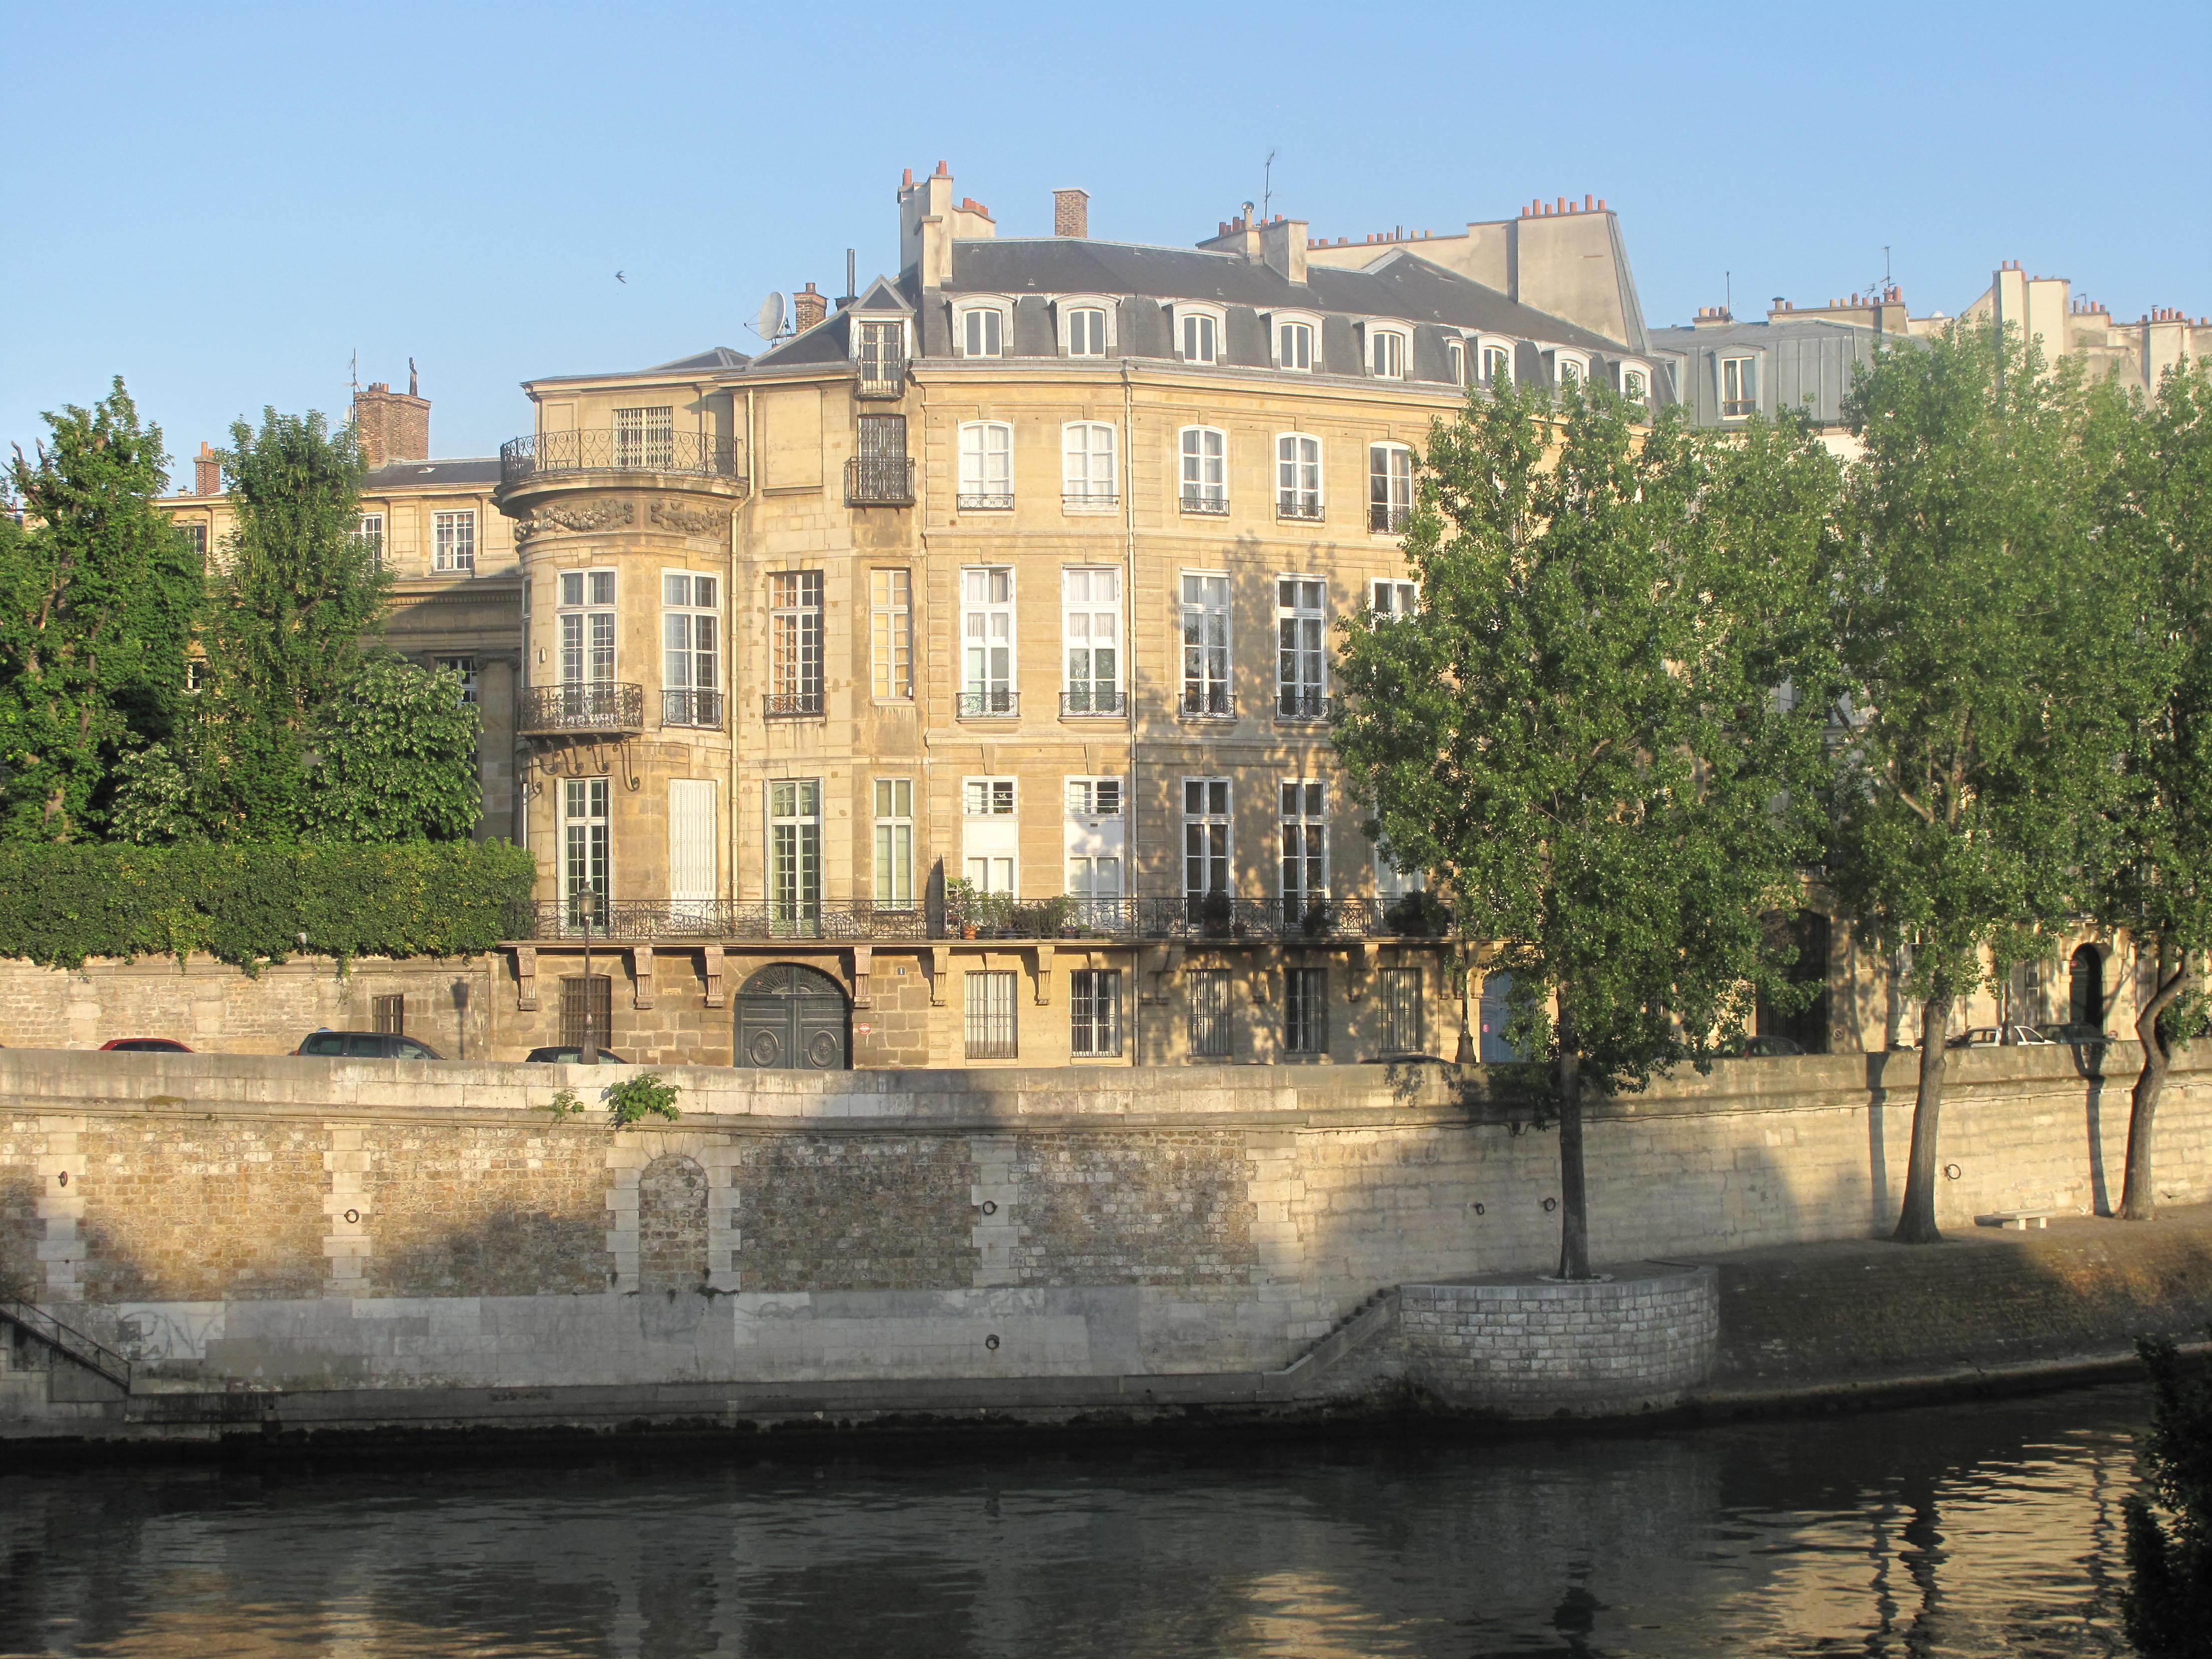 Hotel Villa La Parisienne Parigi hôtel lambert - wikipedia